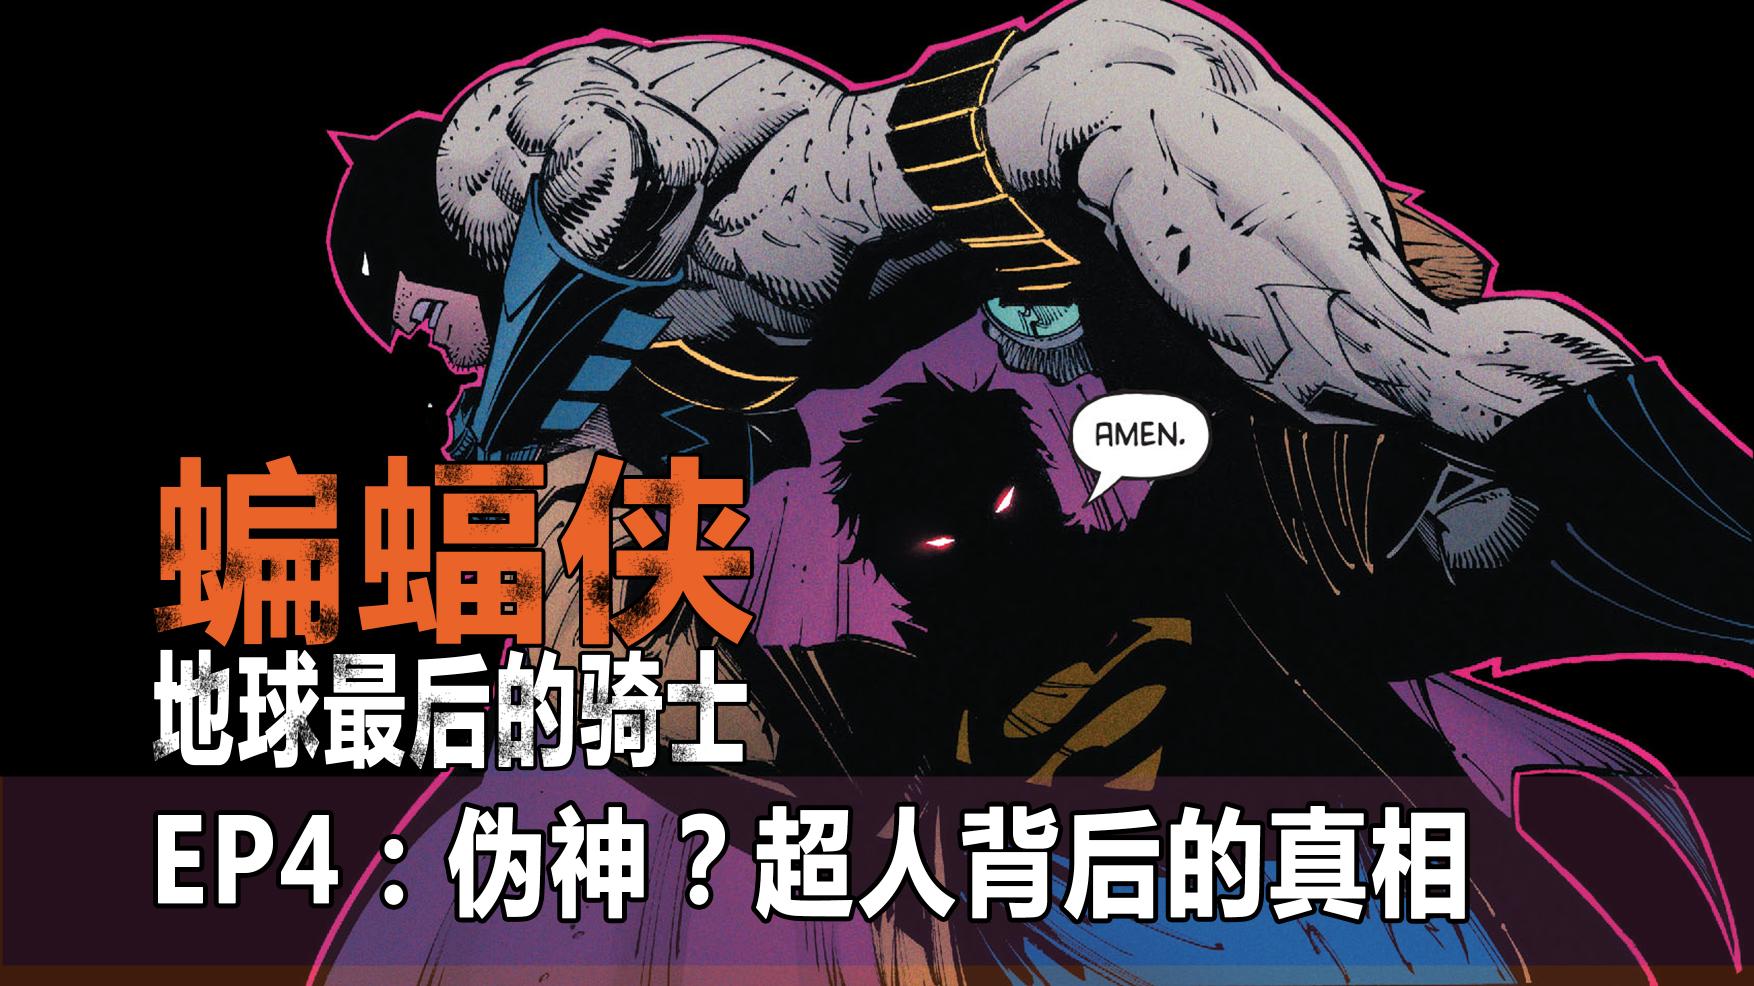 【鲍漫】莱秃史诗级坑超人 另一个克隆蝙蝠侠伏笔? 地球最后的骑士EP4